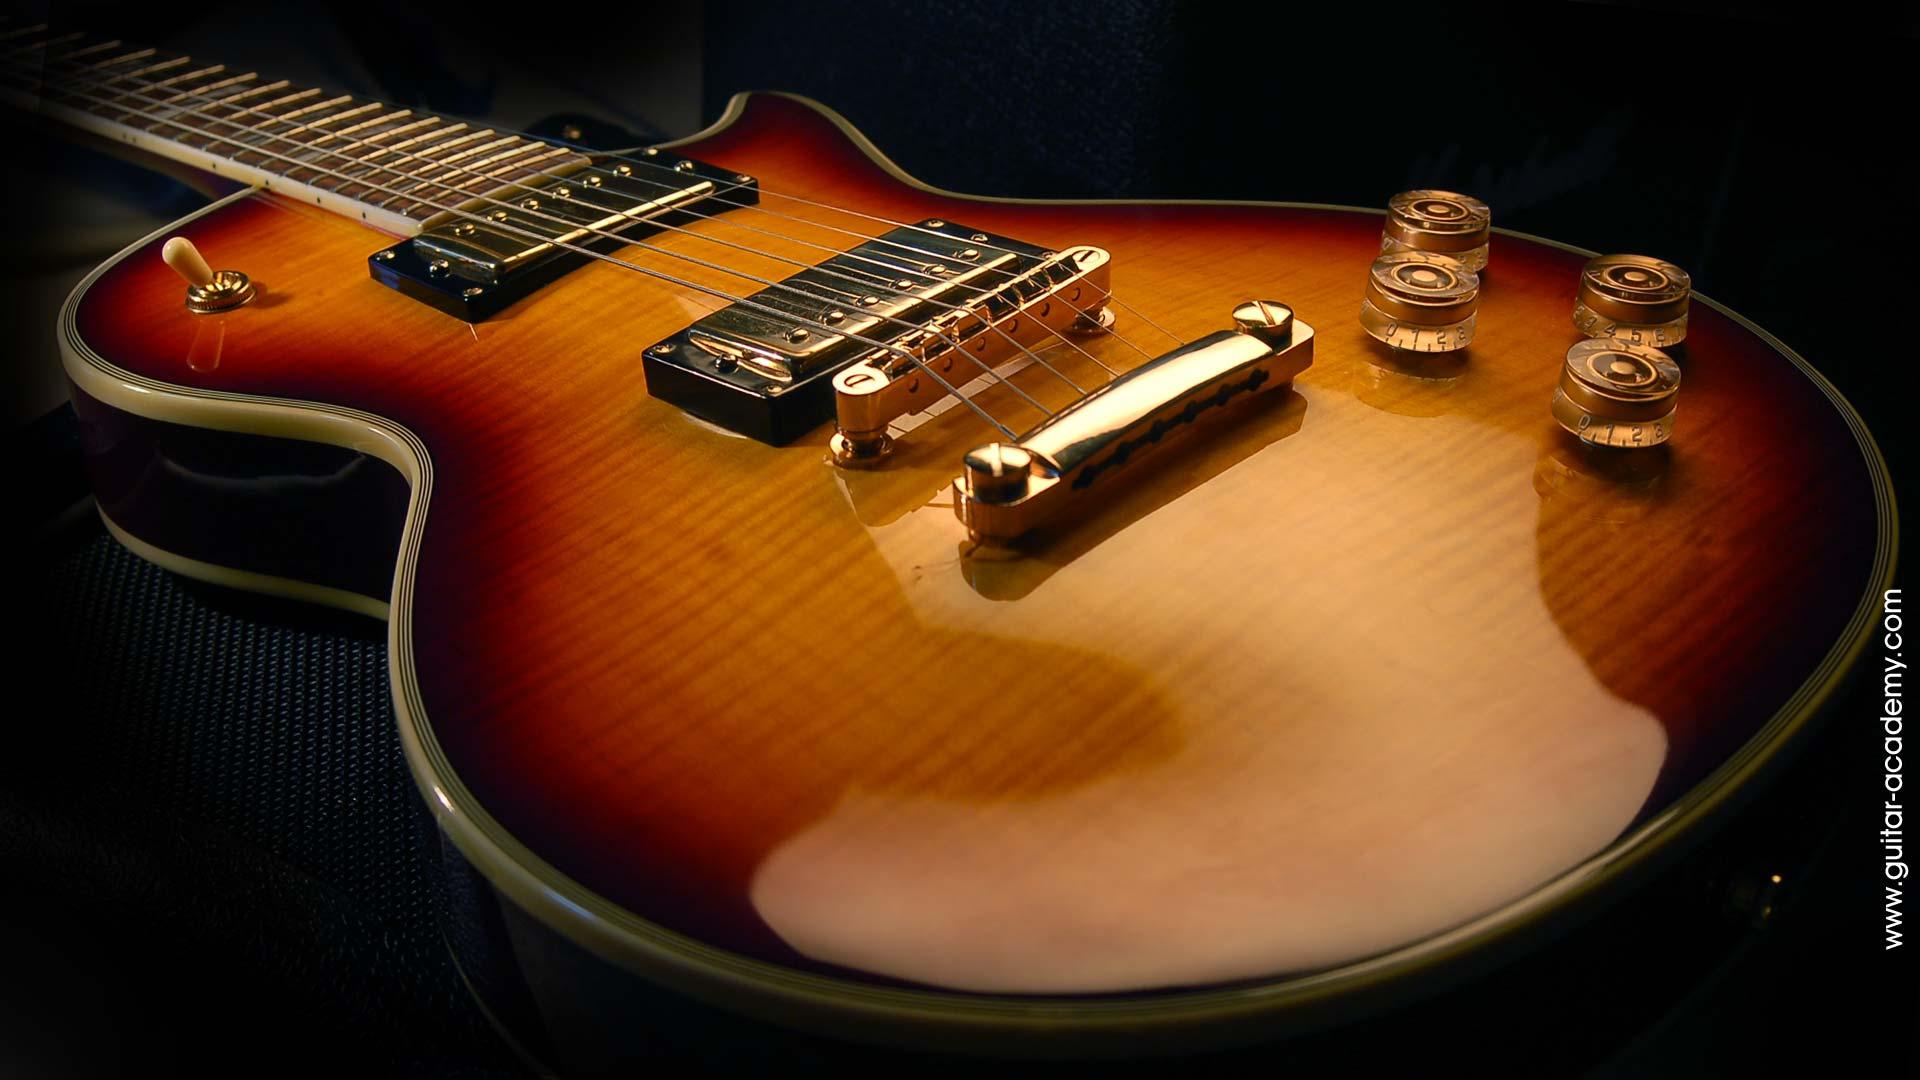 guitar wallpaper les paul - photo #1